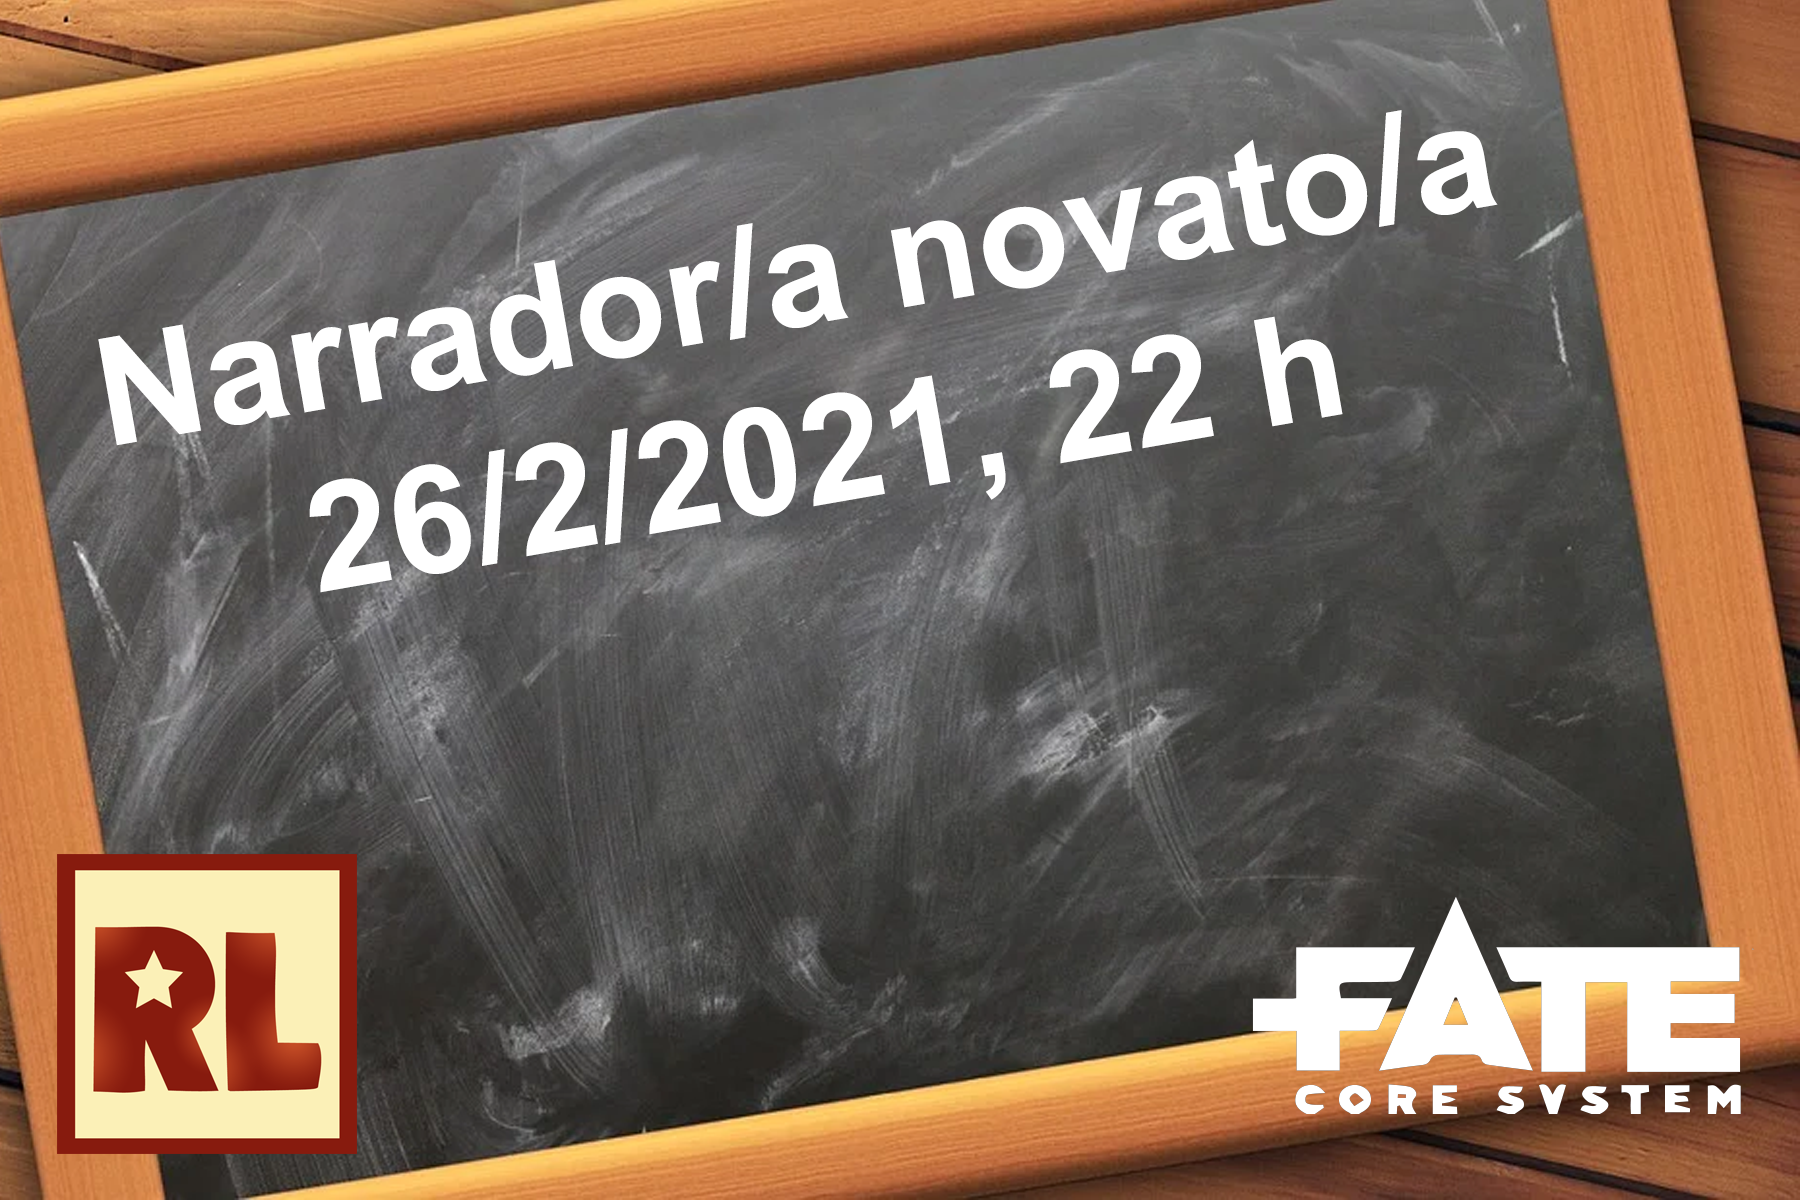 Resistencia Lúdica arrador/a novato/a (Fate core)